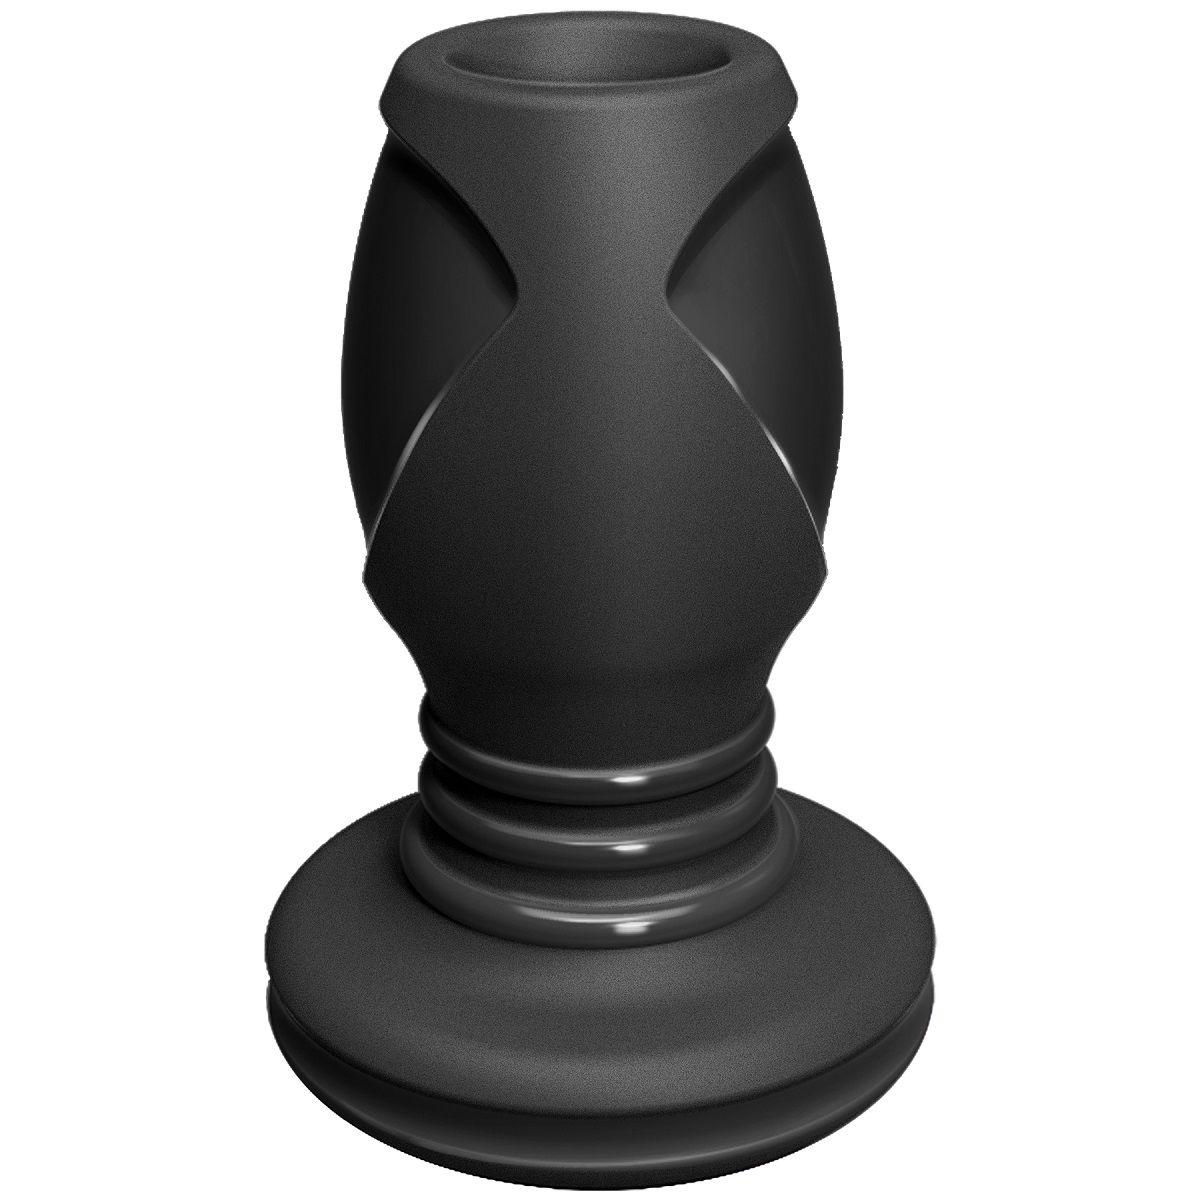 Чёрная анальная пробка с отверстием The Stretch Medium - 10,7 см. - фото 135997